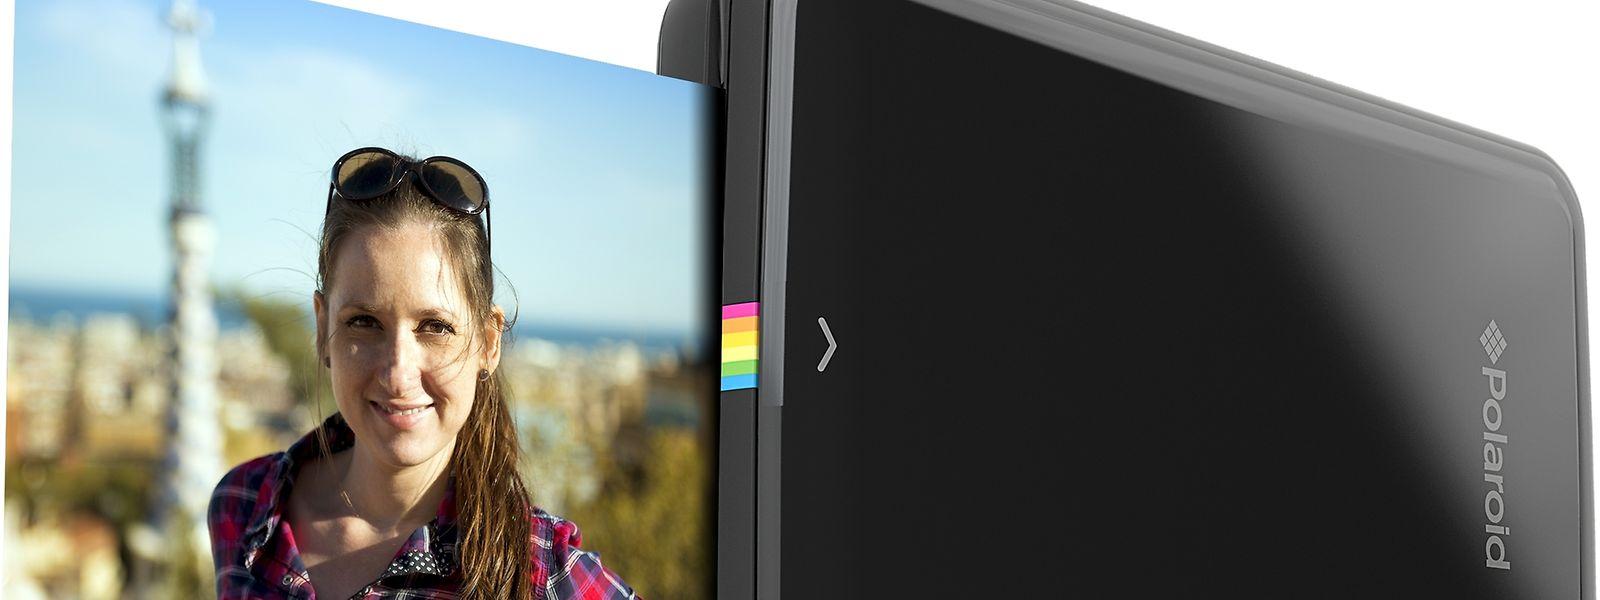 Klick! Drucken, fertig. Mit dem Polaroid Zip photoprinter können unterwegs Fotos ausgedruckt werden.